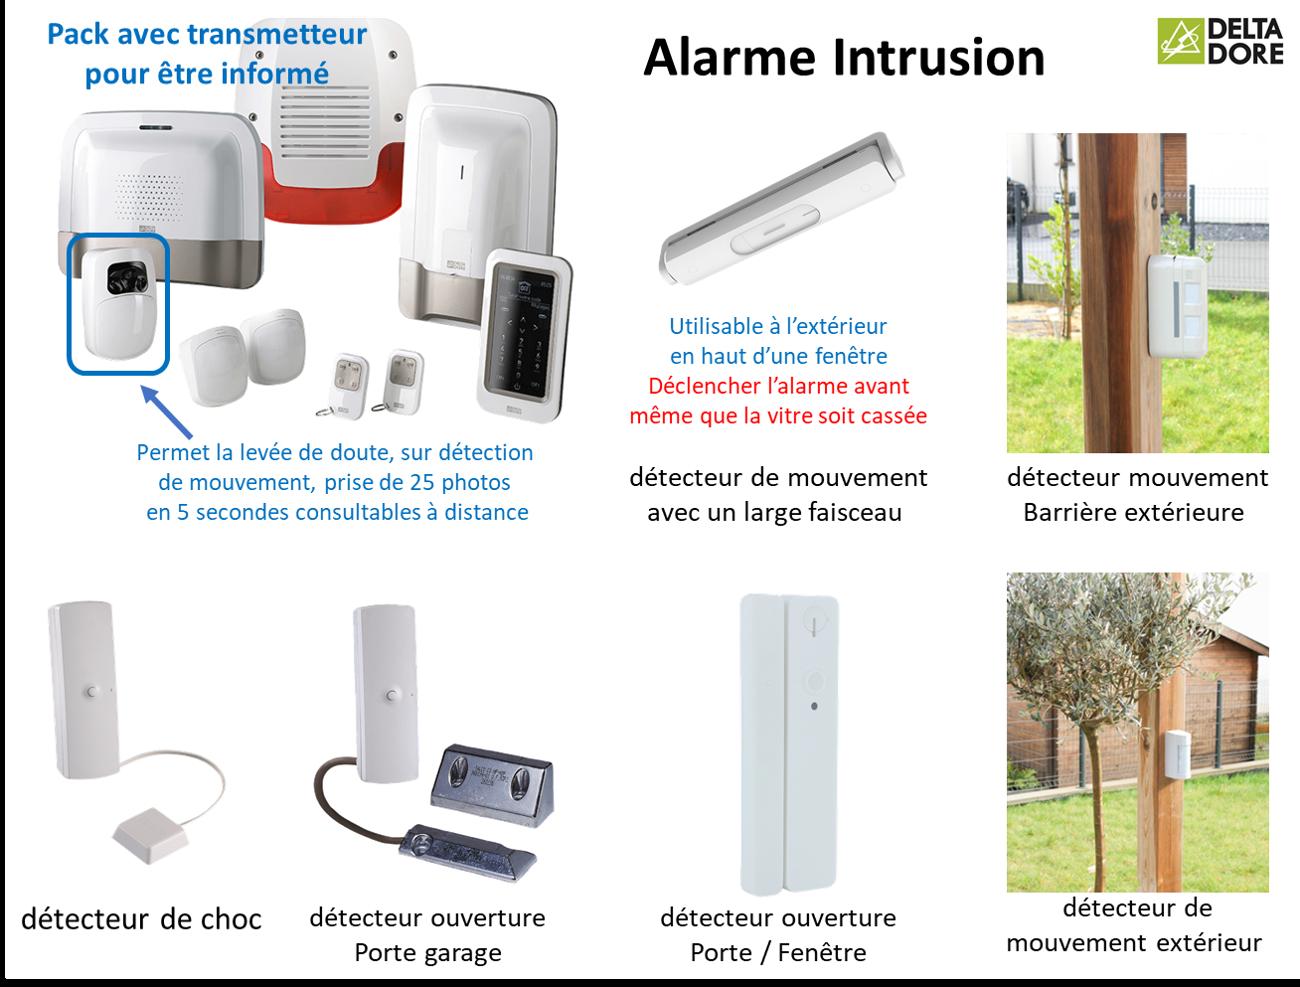 Exemples d'équipements utilisés pour gérer une alarme intrusion